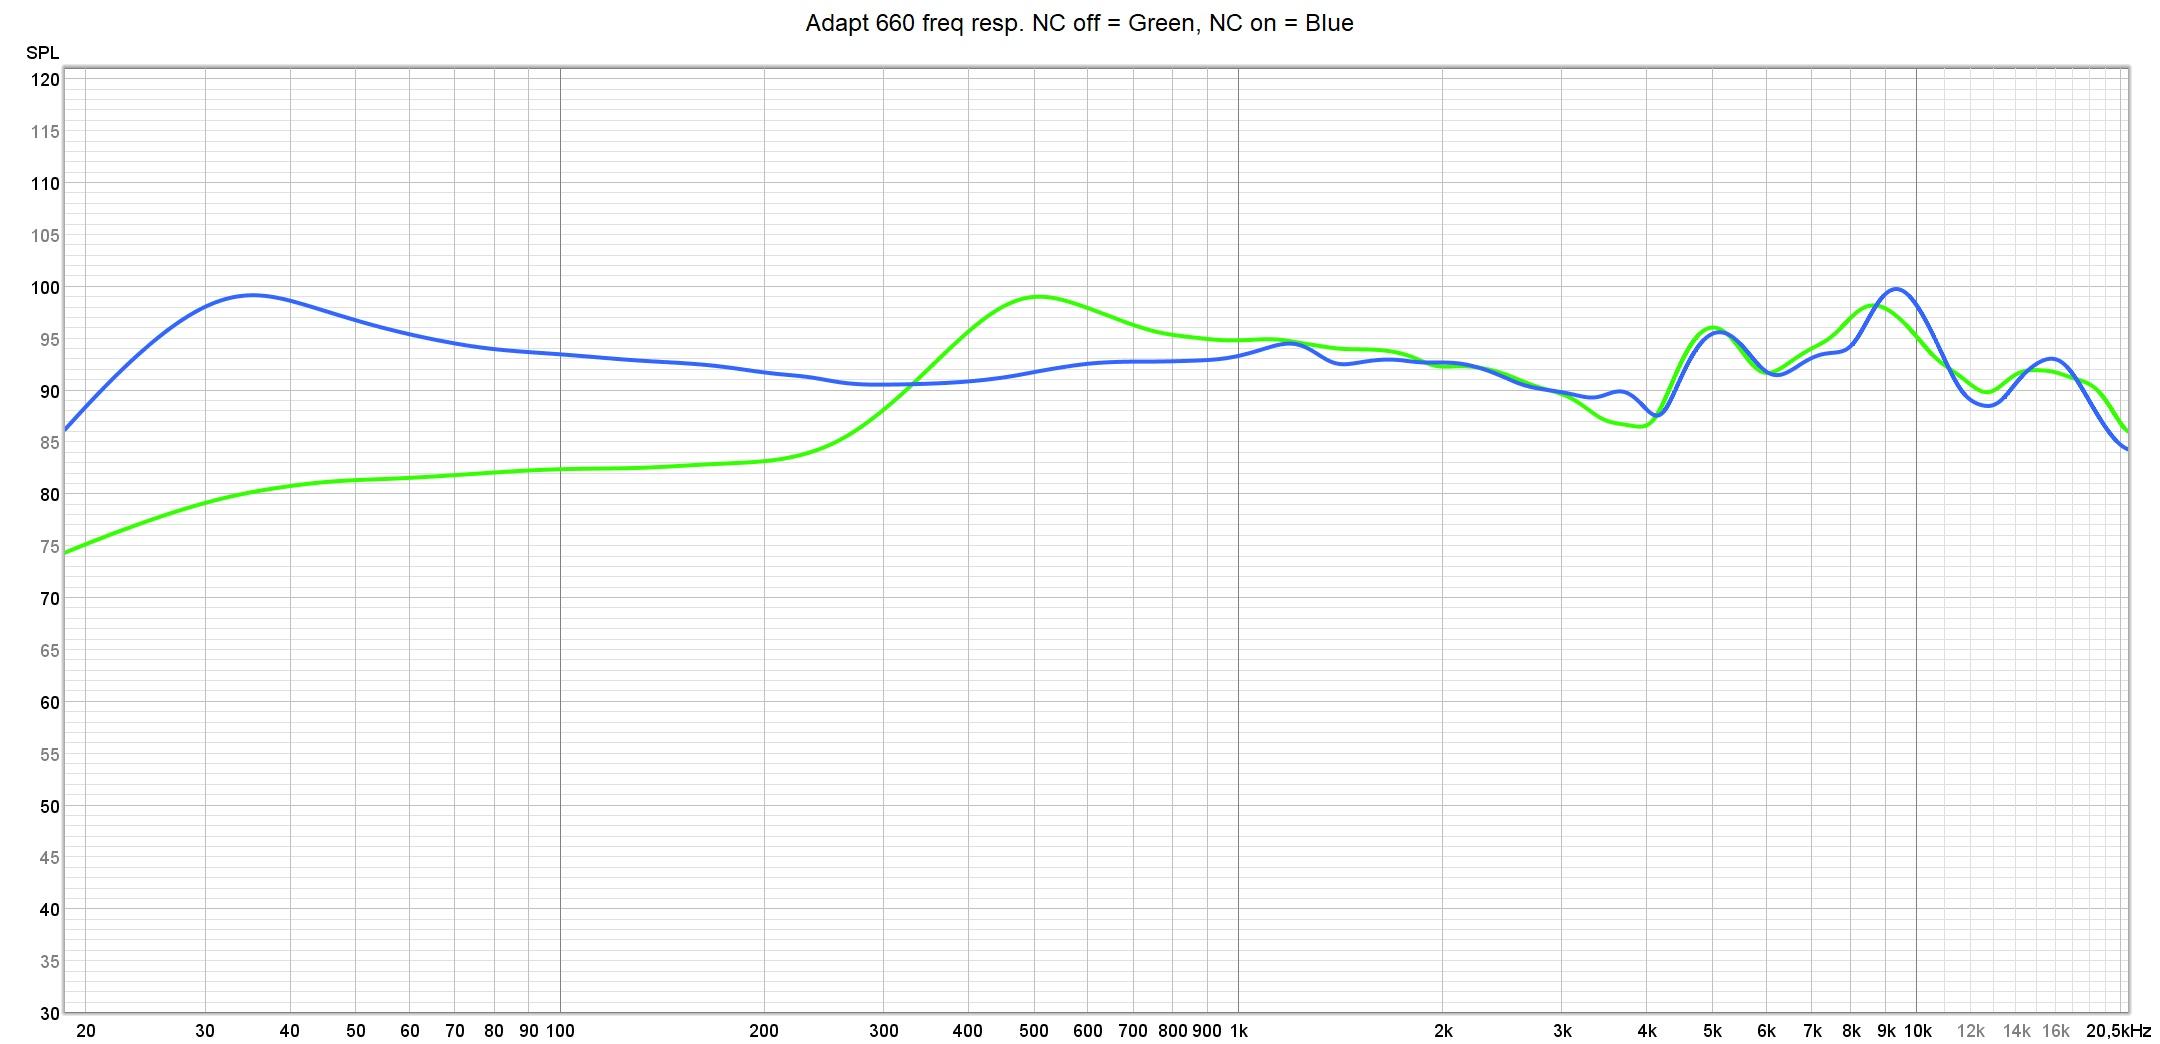 Adapt 660 freq resp. NC off vs on